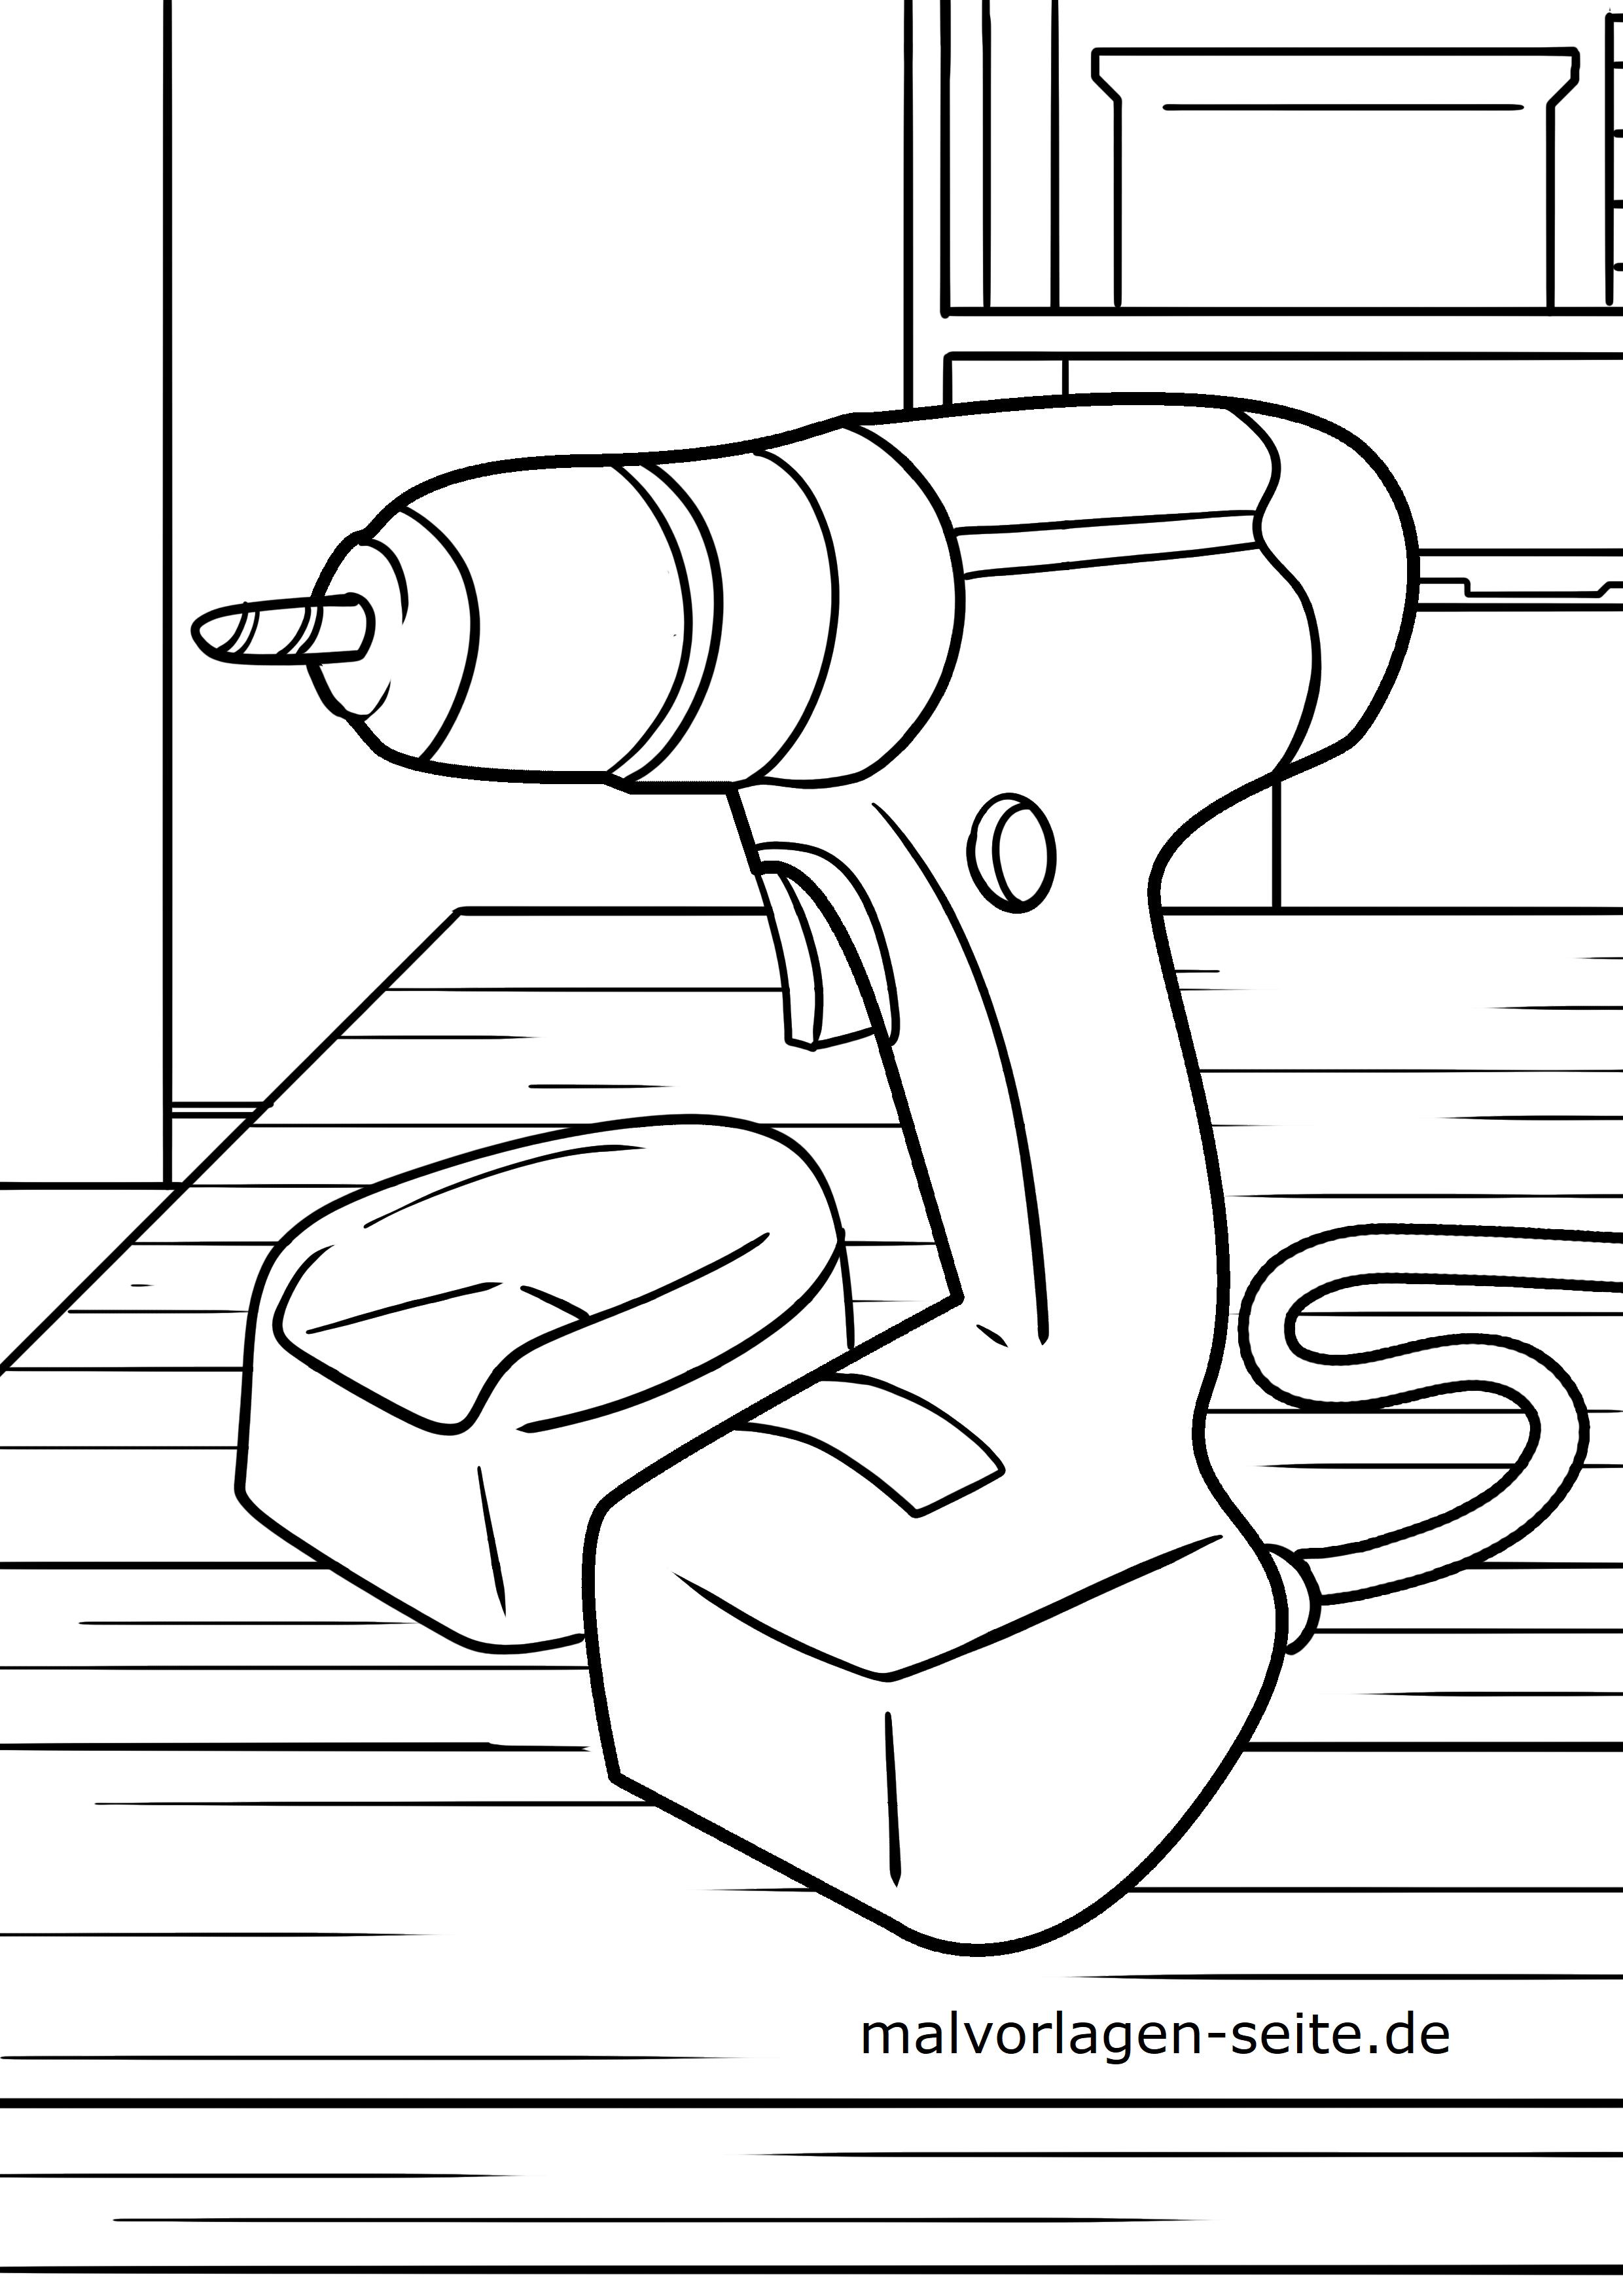 Malvorlagen Werkzeuge Kostenlos Herunterladen Und Ausdrucken